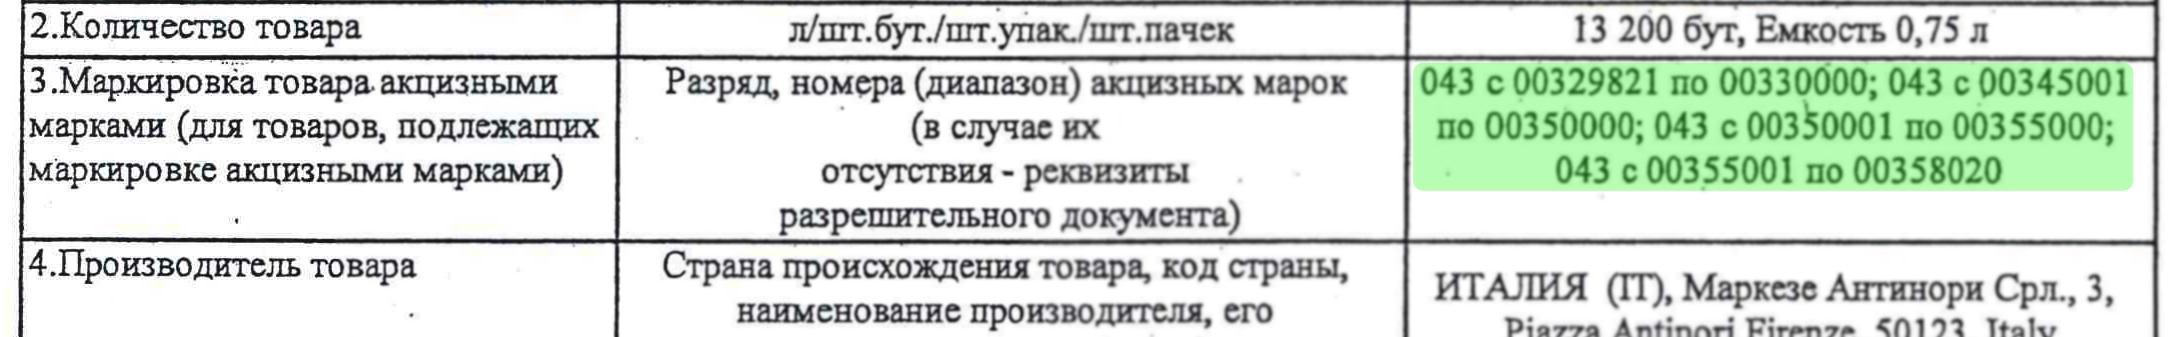 Пример государственной таможенной декларации на партию алкоголя